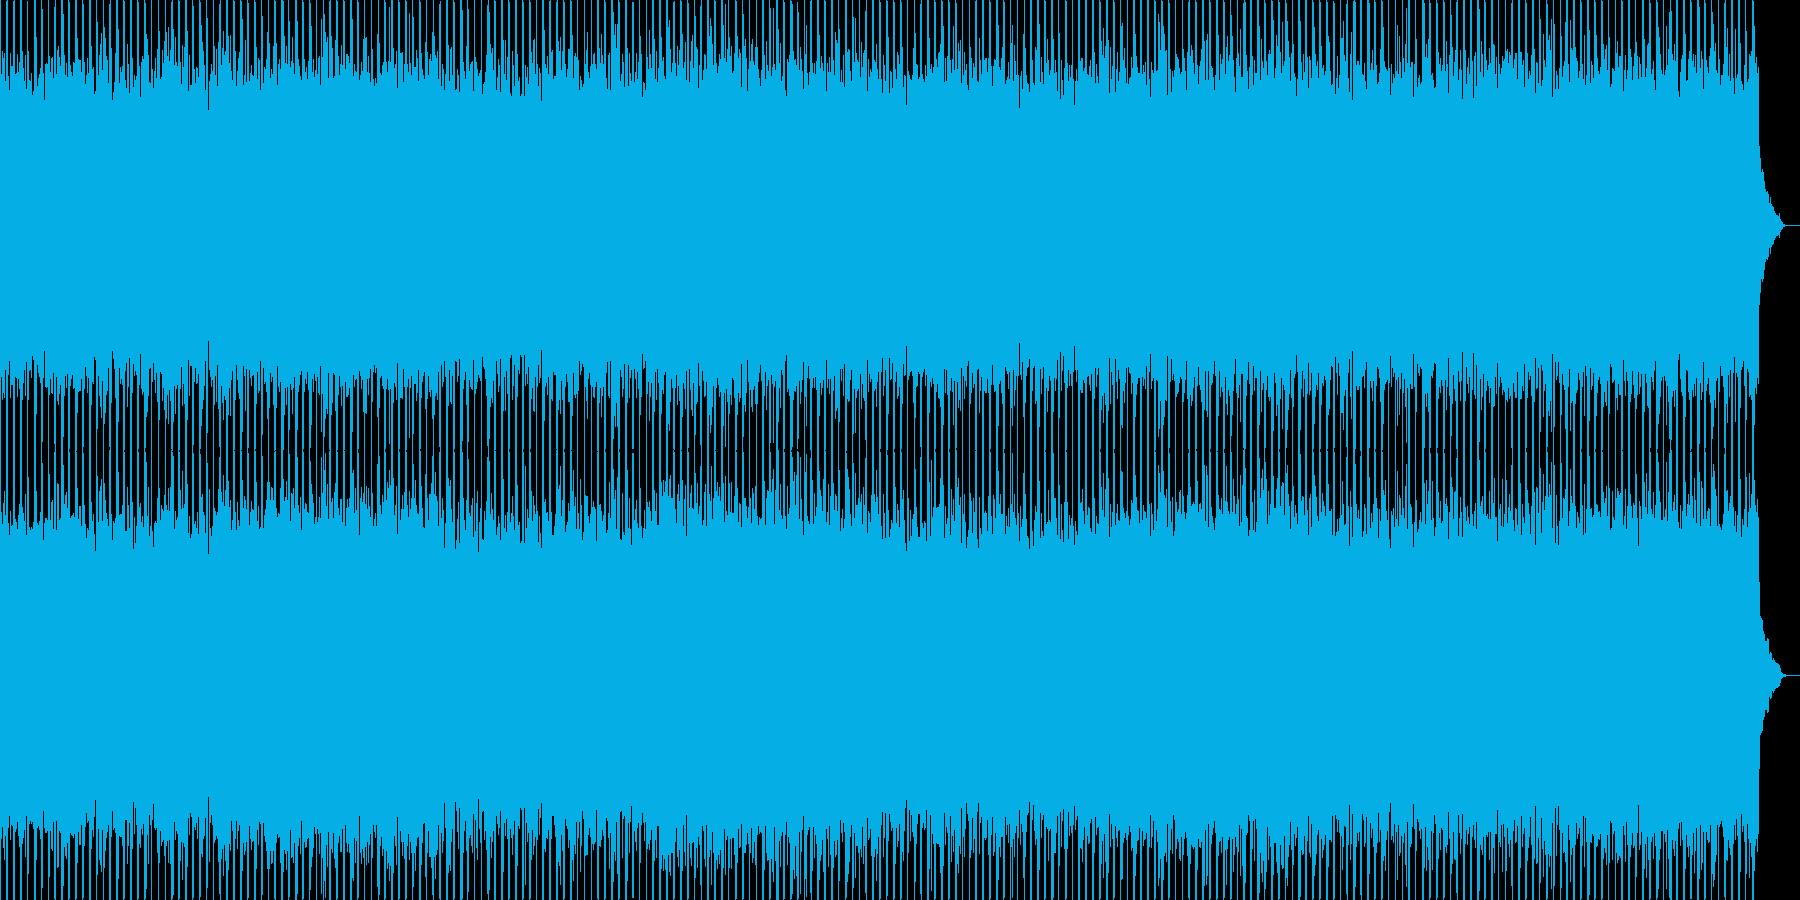 ニュース番組・インダストリーBGMの再生済みの波形